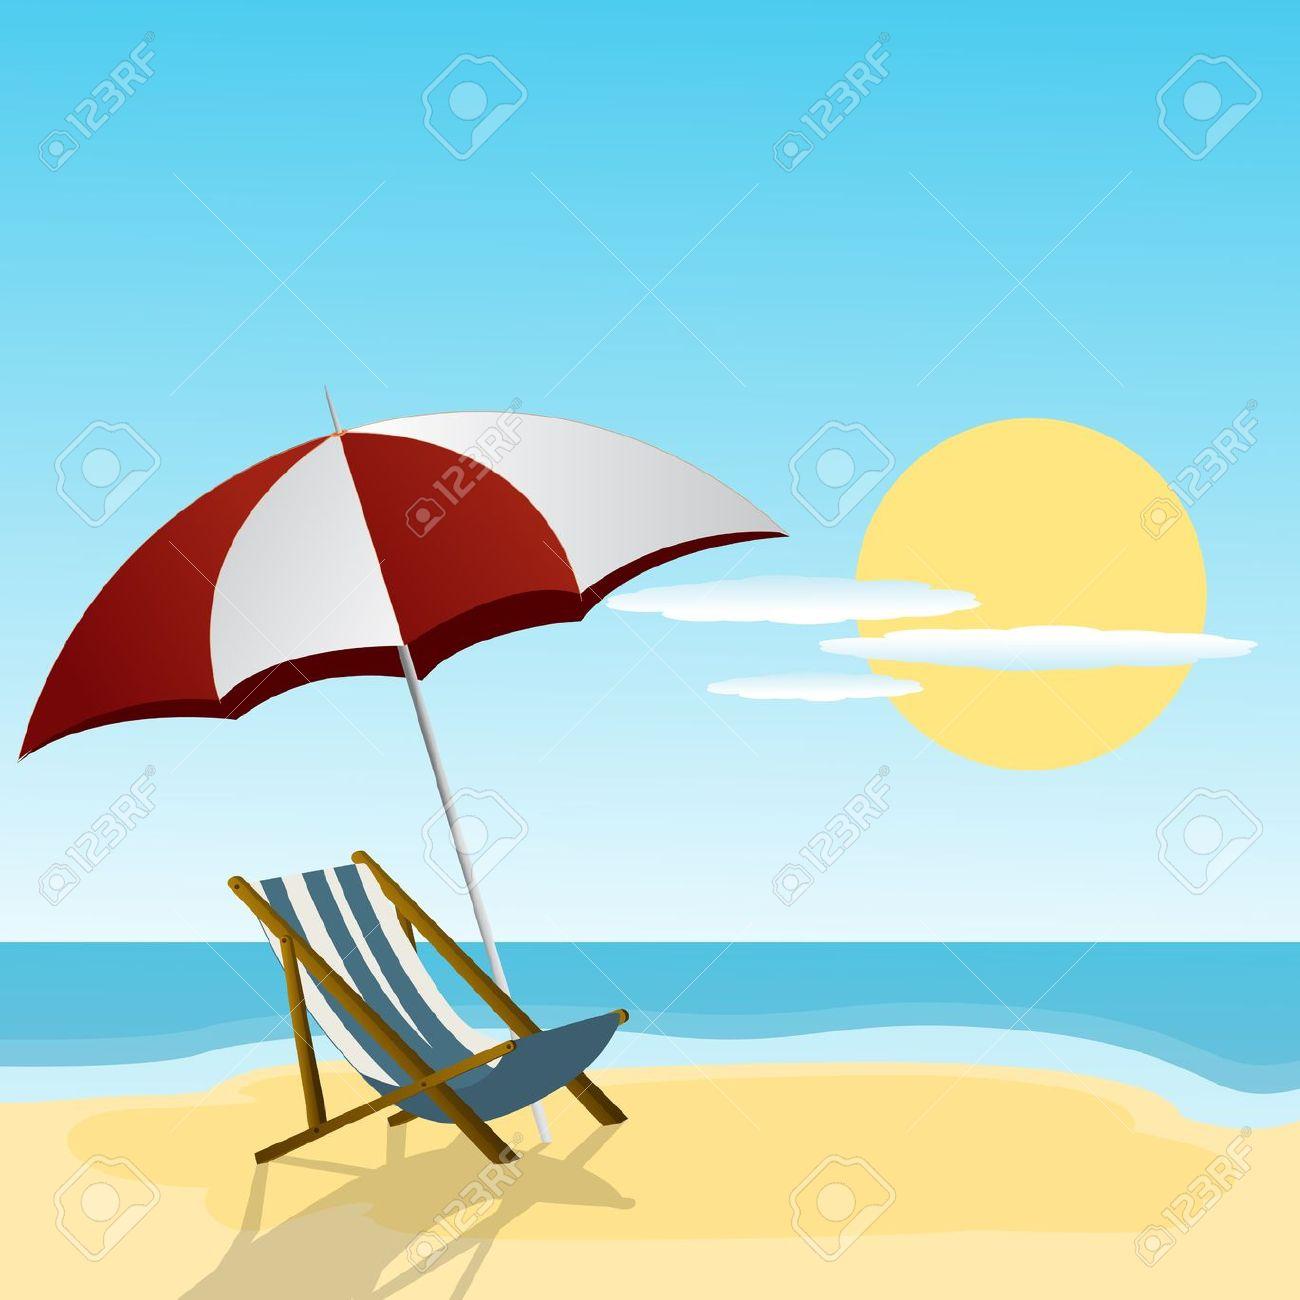 Chaise Lounge E Ombrello Sul Lato Della Spiaggia Clipart Royalty.